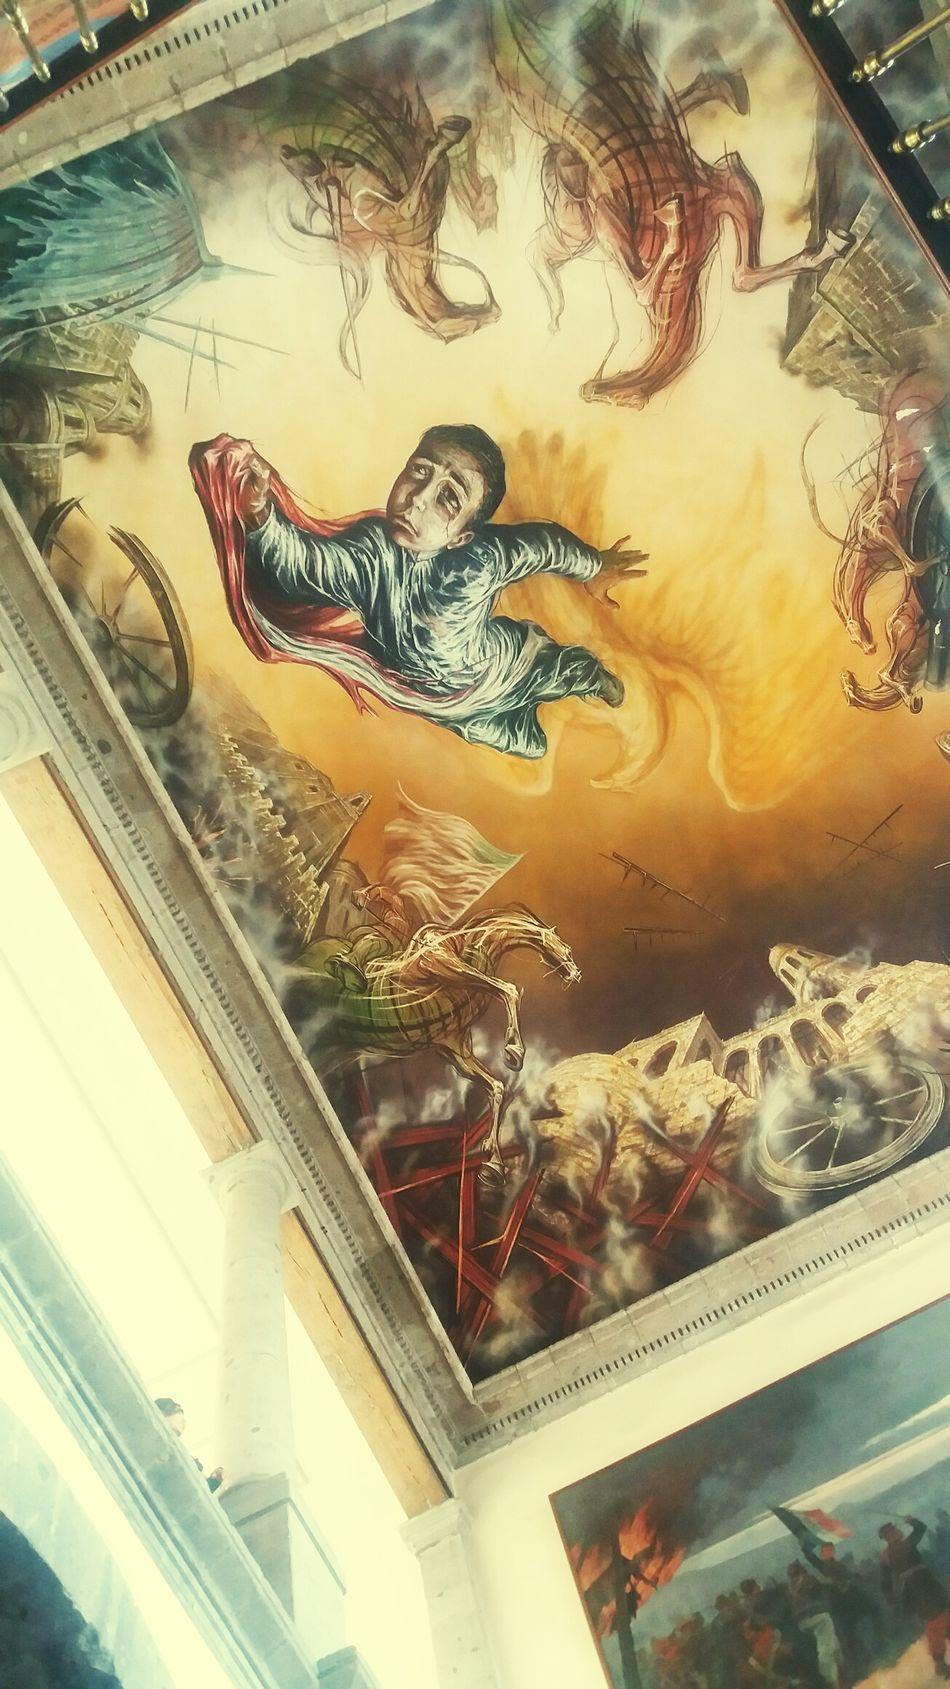 Museo Castillodechapultepec Arte Pinturasmurales Mural Ciudad De México Artemexicano